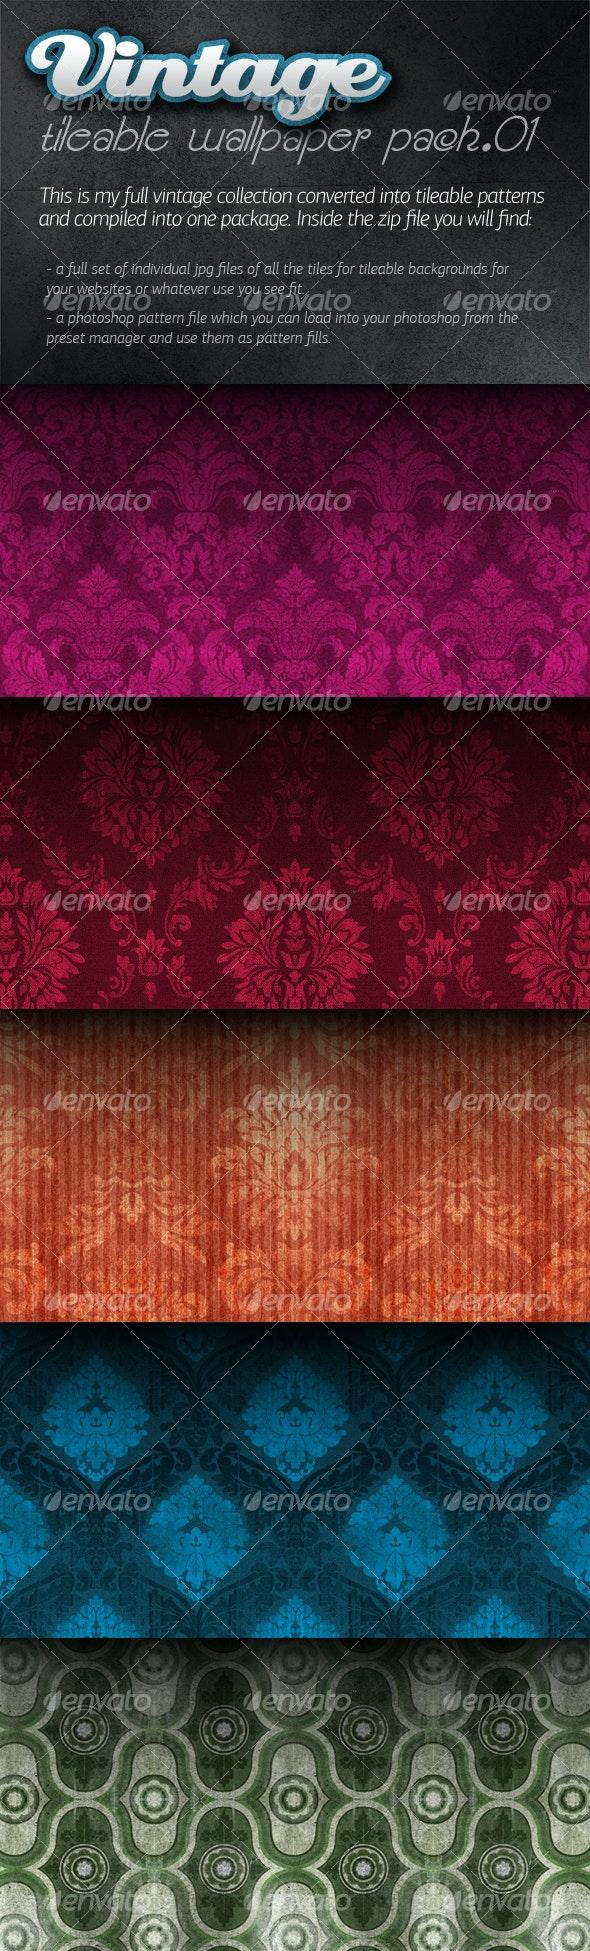 Vintage Tileable Wallpaper Pack 01 - Patterns Backgrounds